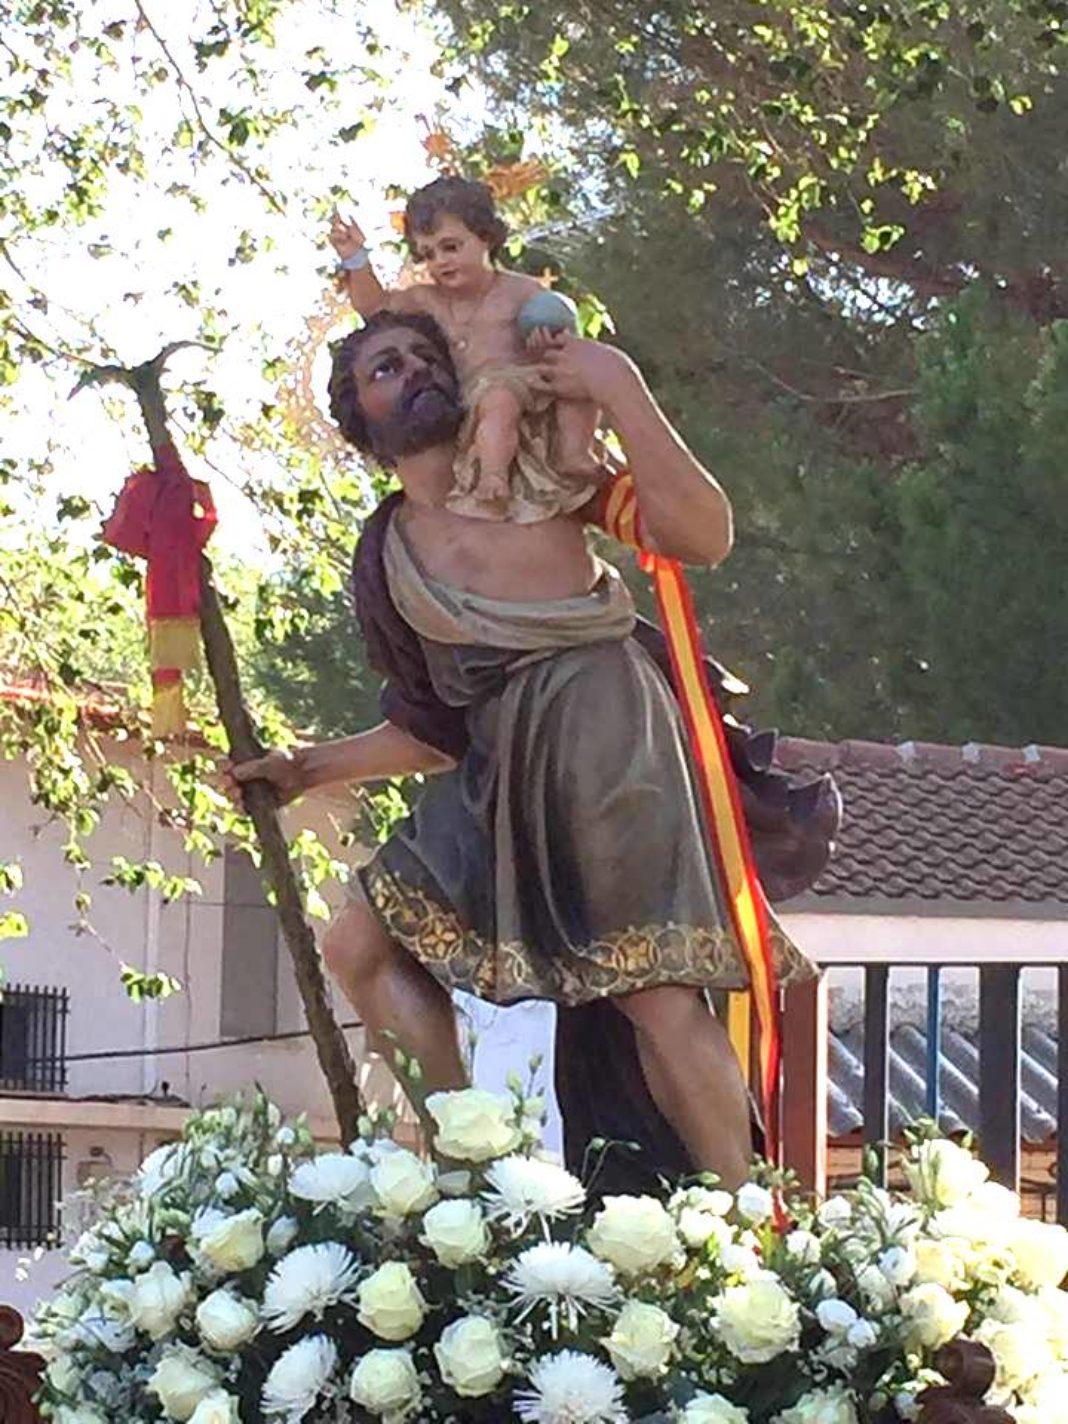 Programa de actos religiosos y festivos en honor a San Cristóbal 10